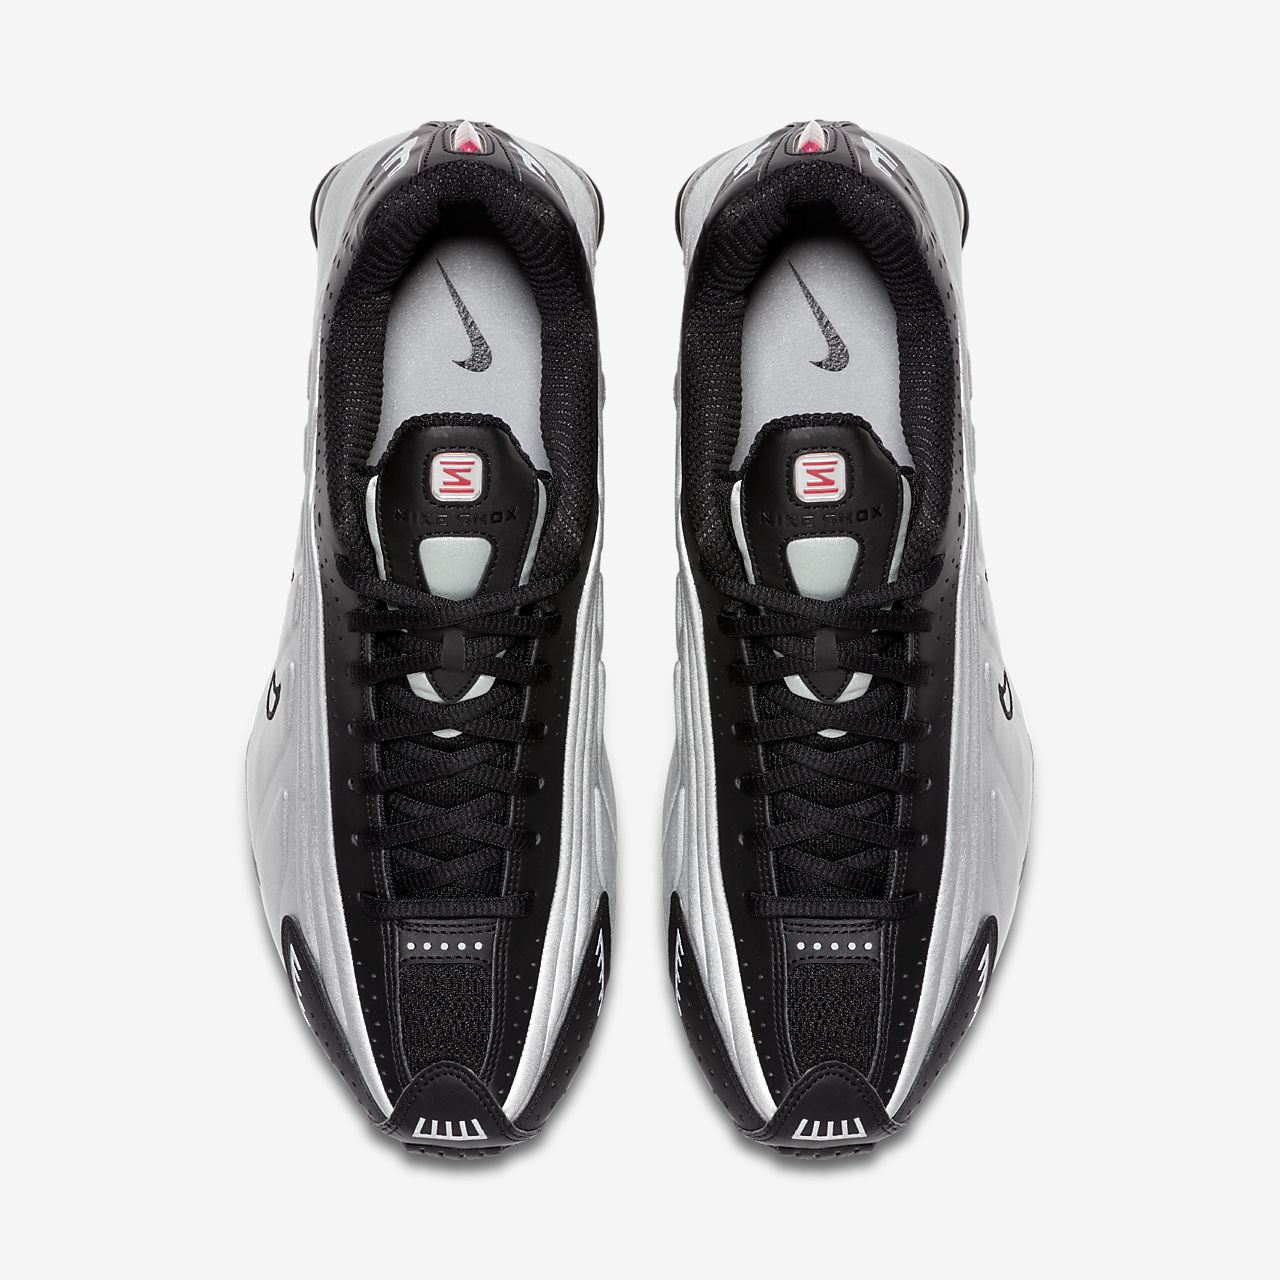 watch 6cd69 43395 Low Resolution Nike Shox R4 Schuh Nike Shox R4 Schuh